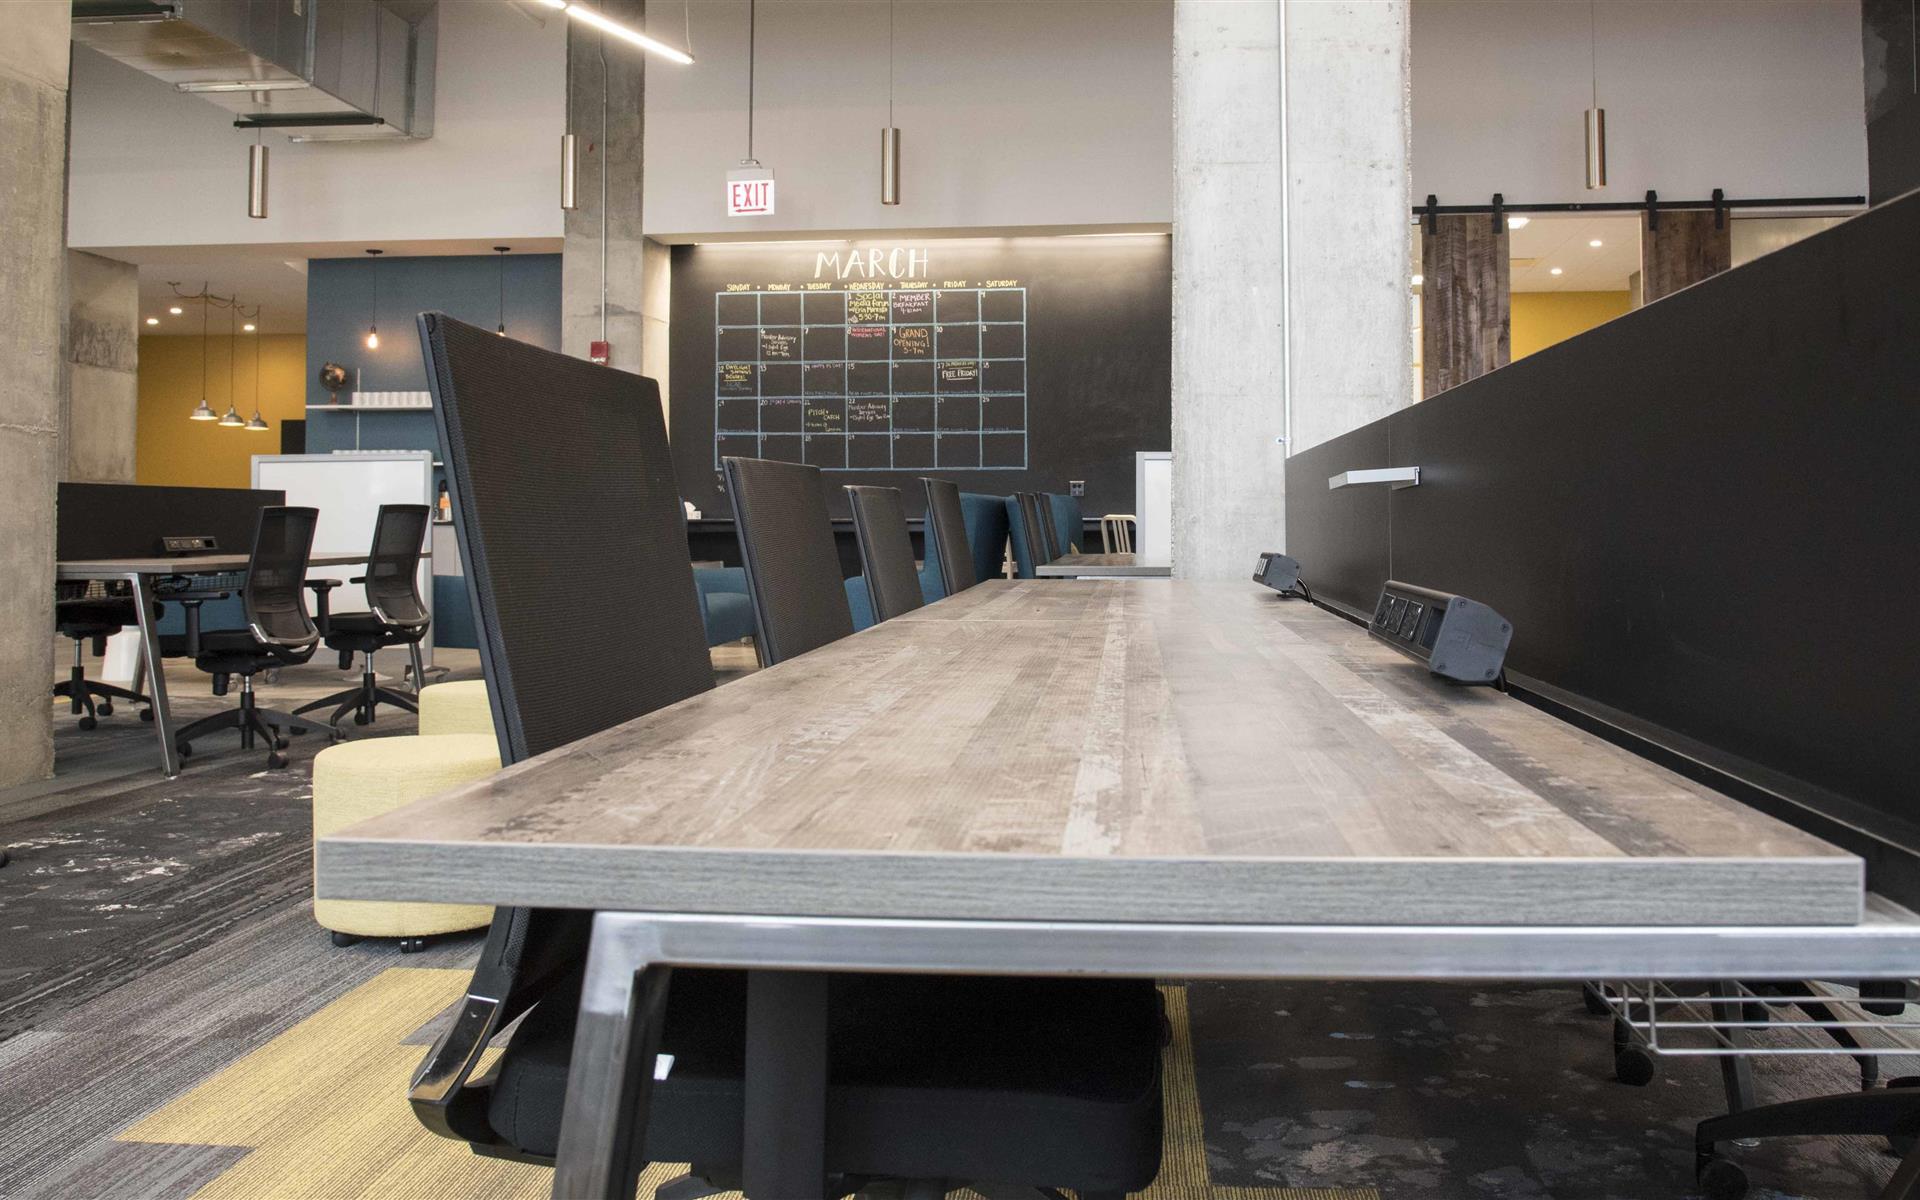 25N Coworking - Arlington Heights - Basic Coworking Workspace